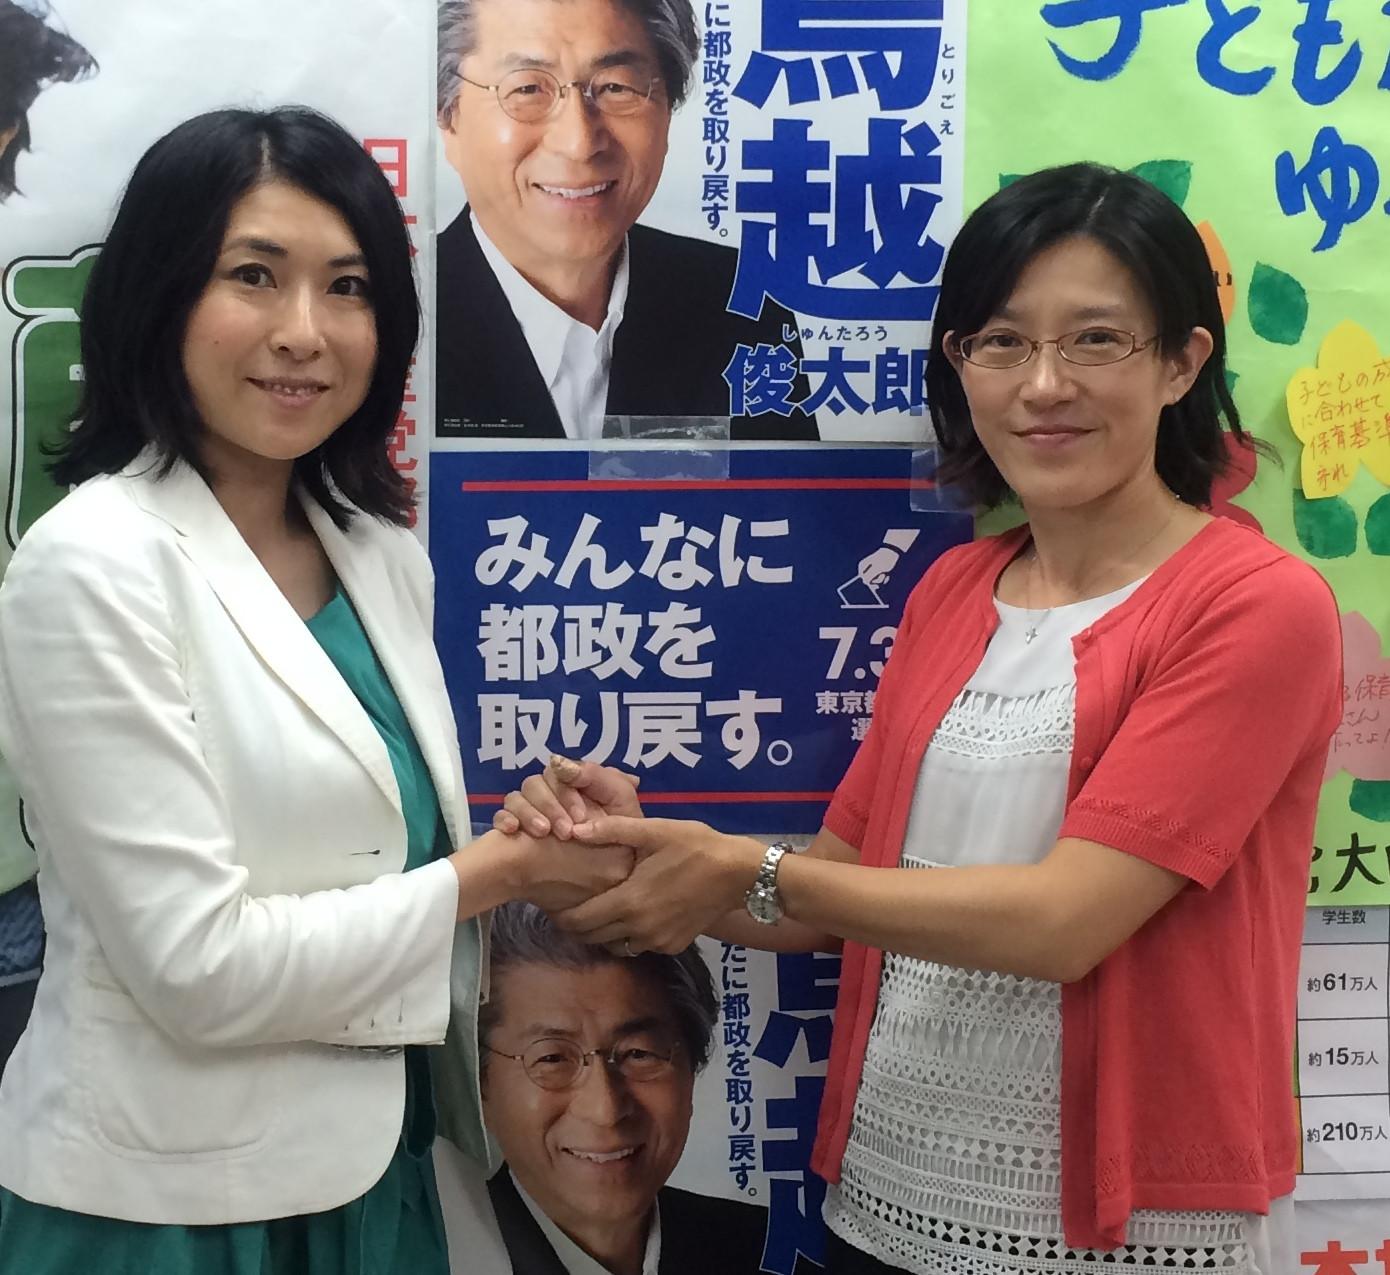 都議補選告示:台東・大田で野党共闘